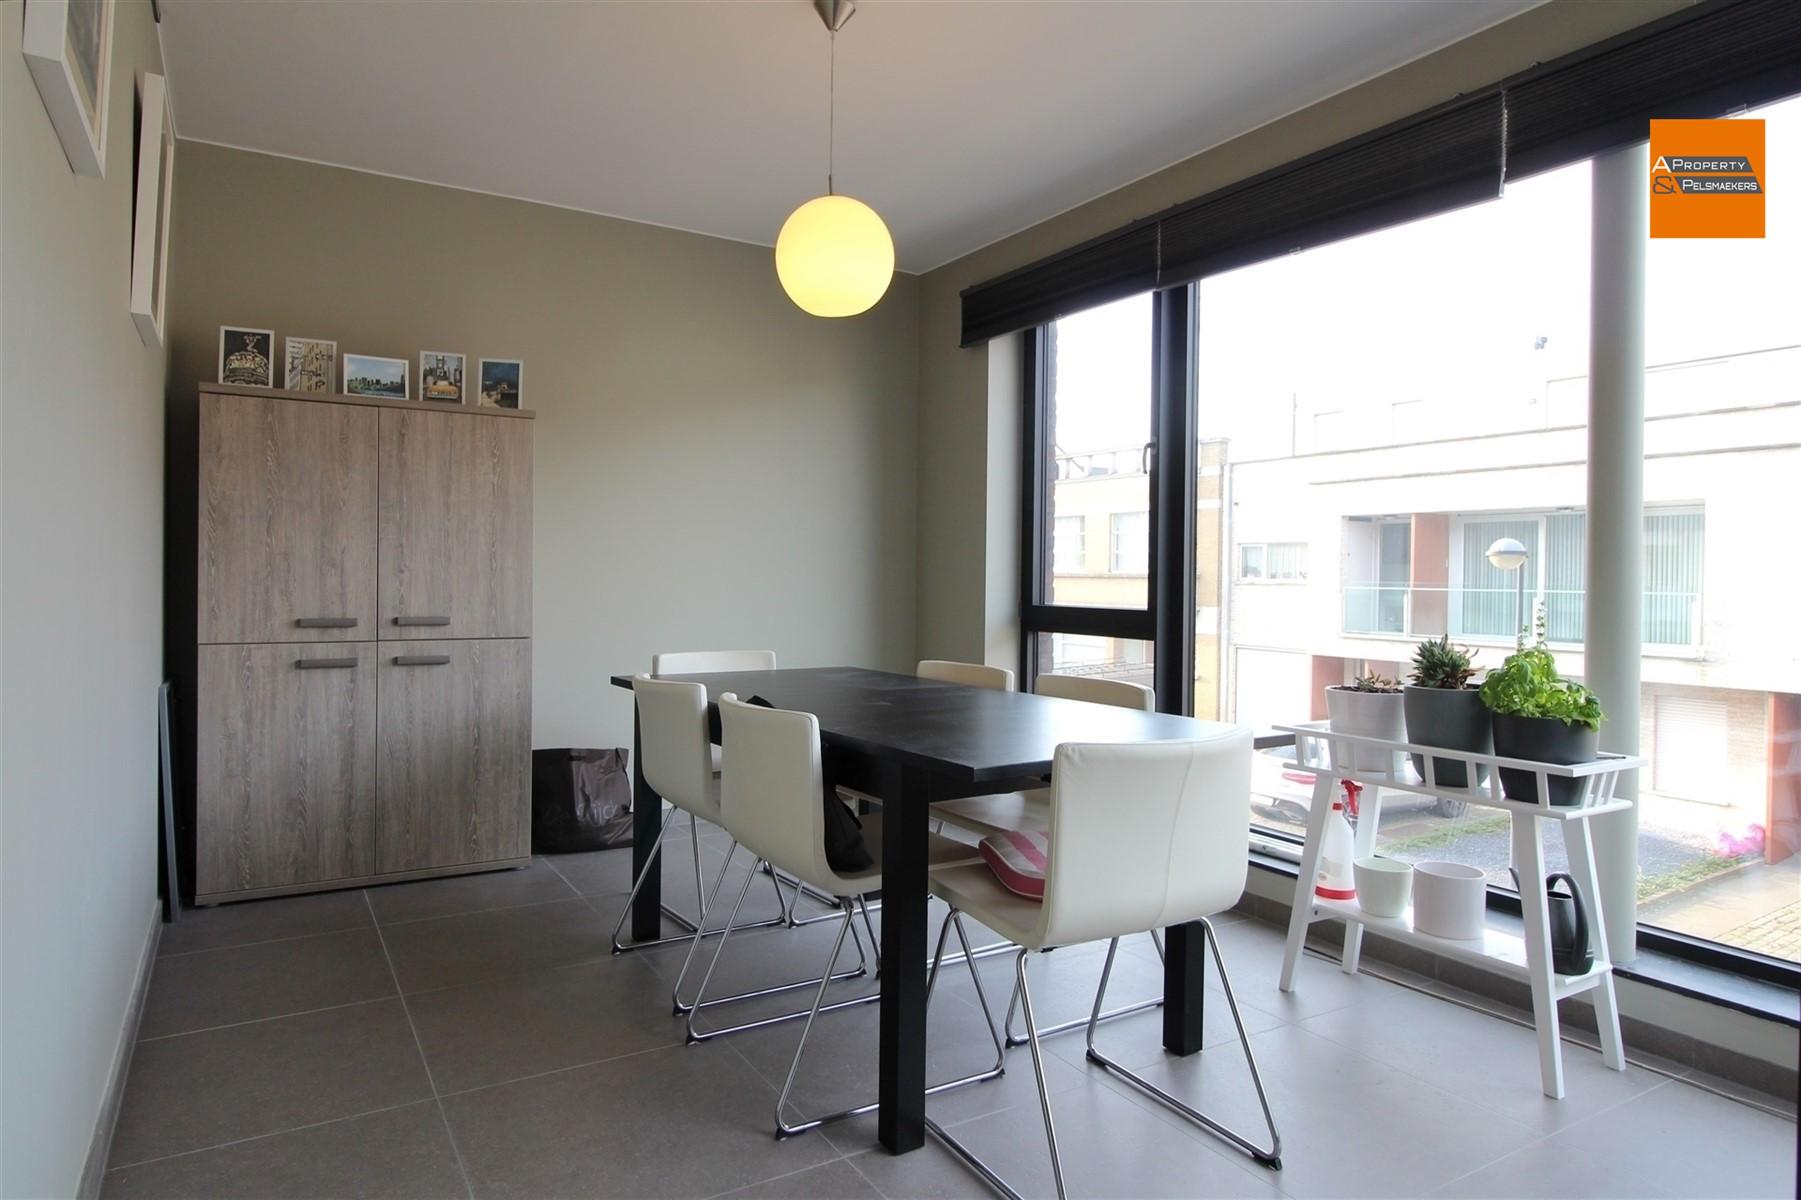 Foto 6 : Appartement in 3070 Kortenberg (België) - Prijs € 319.000